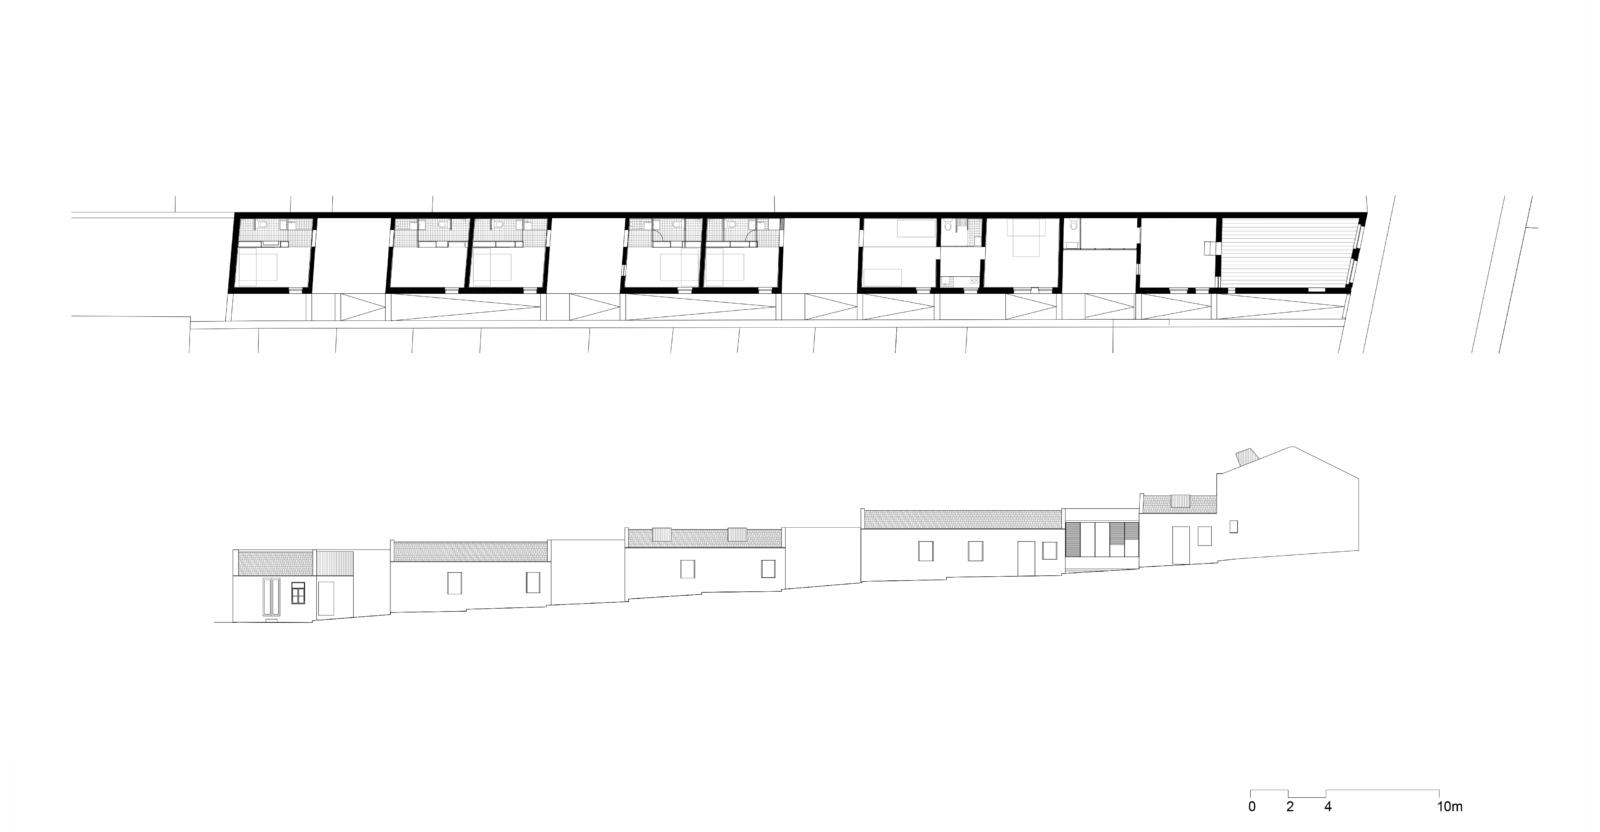 """Cenário 0 """"Artist residence- Sharing a patio"""": planta e alçado"""